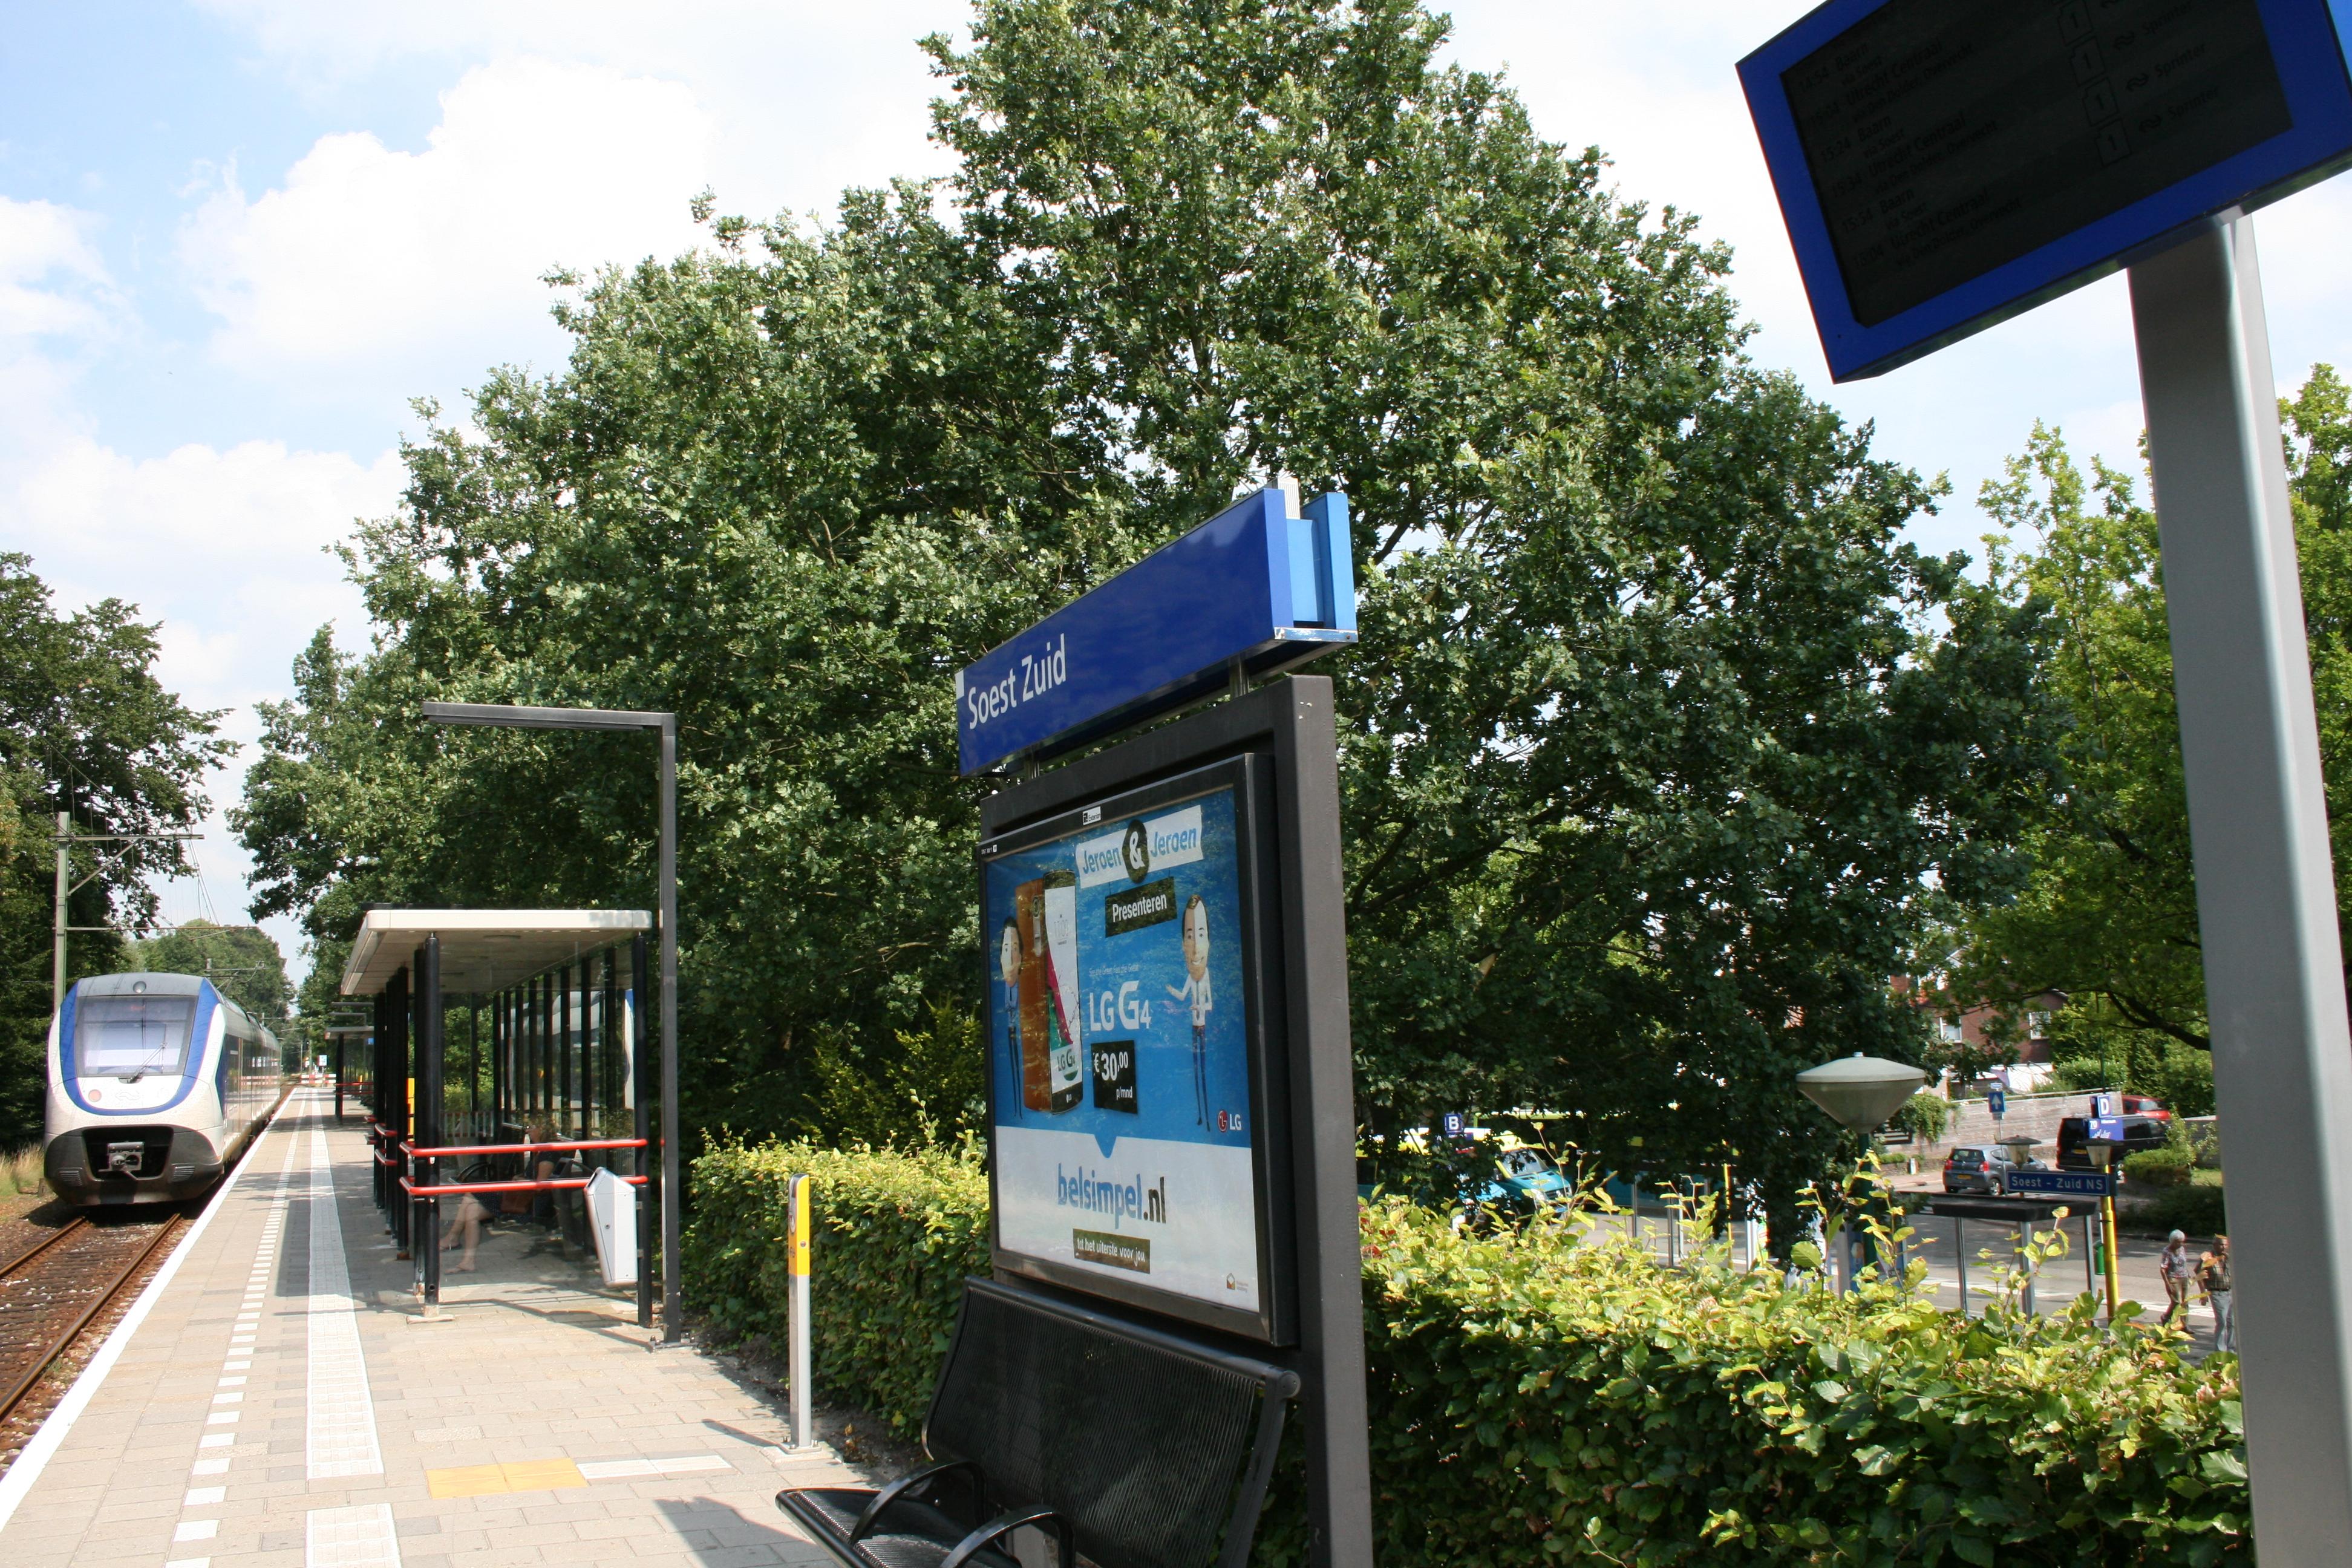 Station SoestZuid